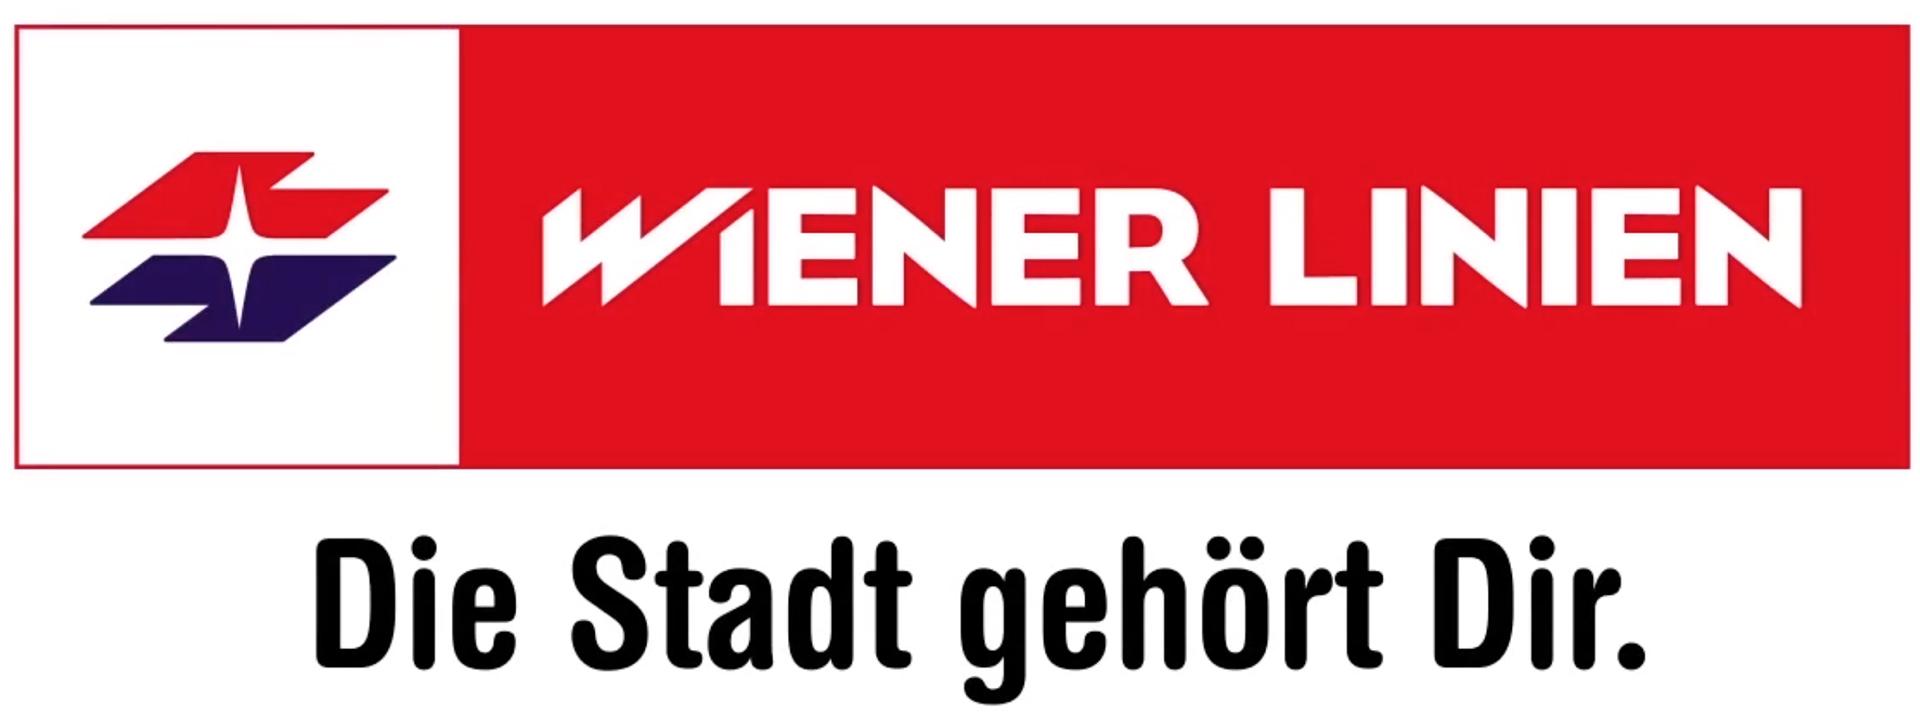 Logo Wiener Linien - Die Stadt gehört Dir.